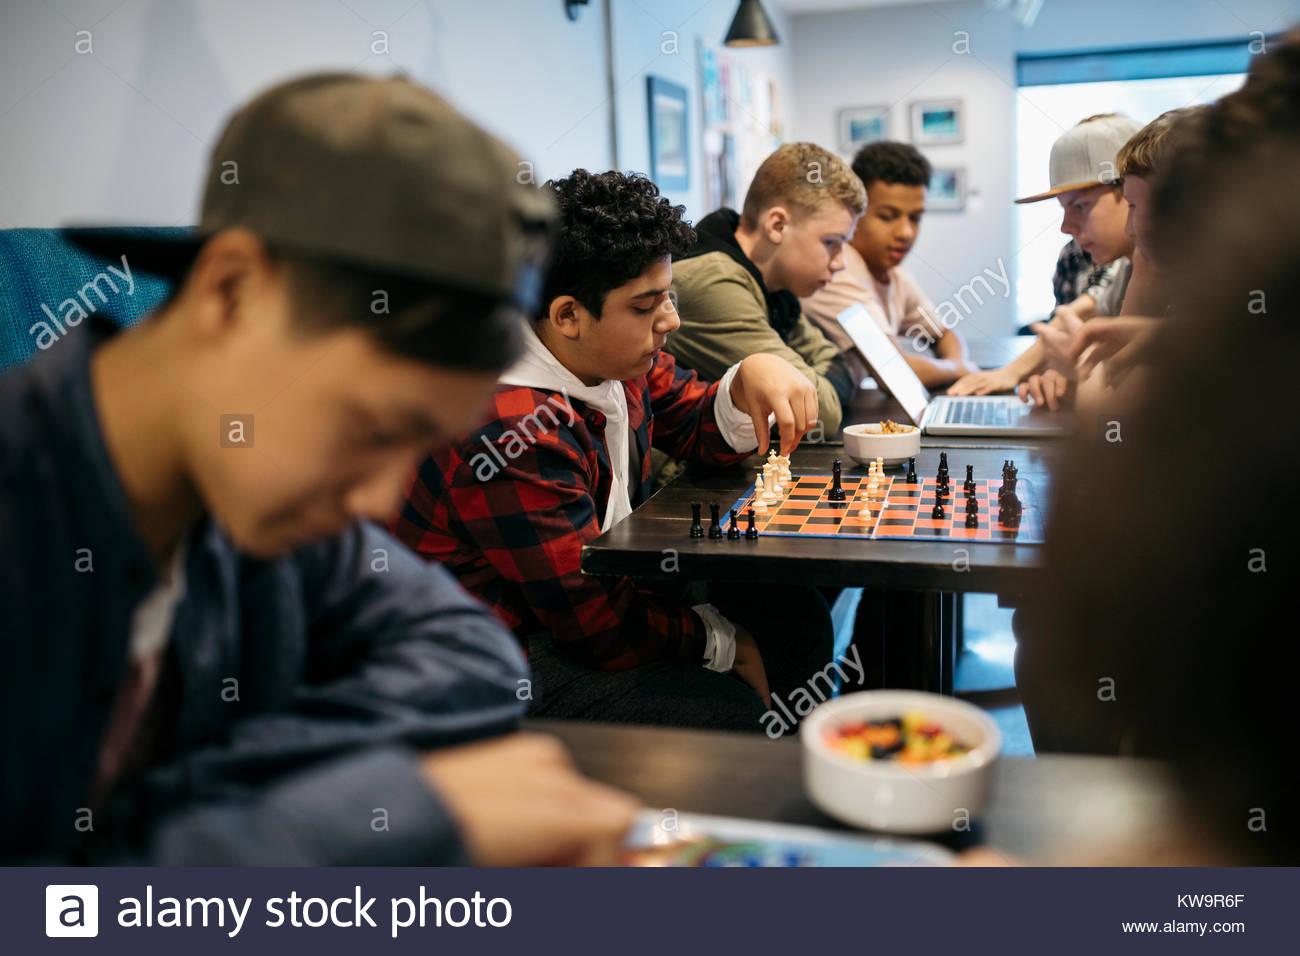 Tween boy amigos jugando al ajedrez en el café la tabla Imagen De Stock